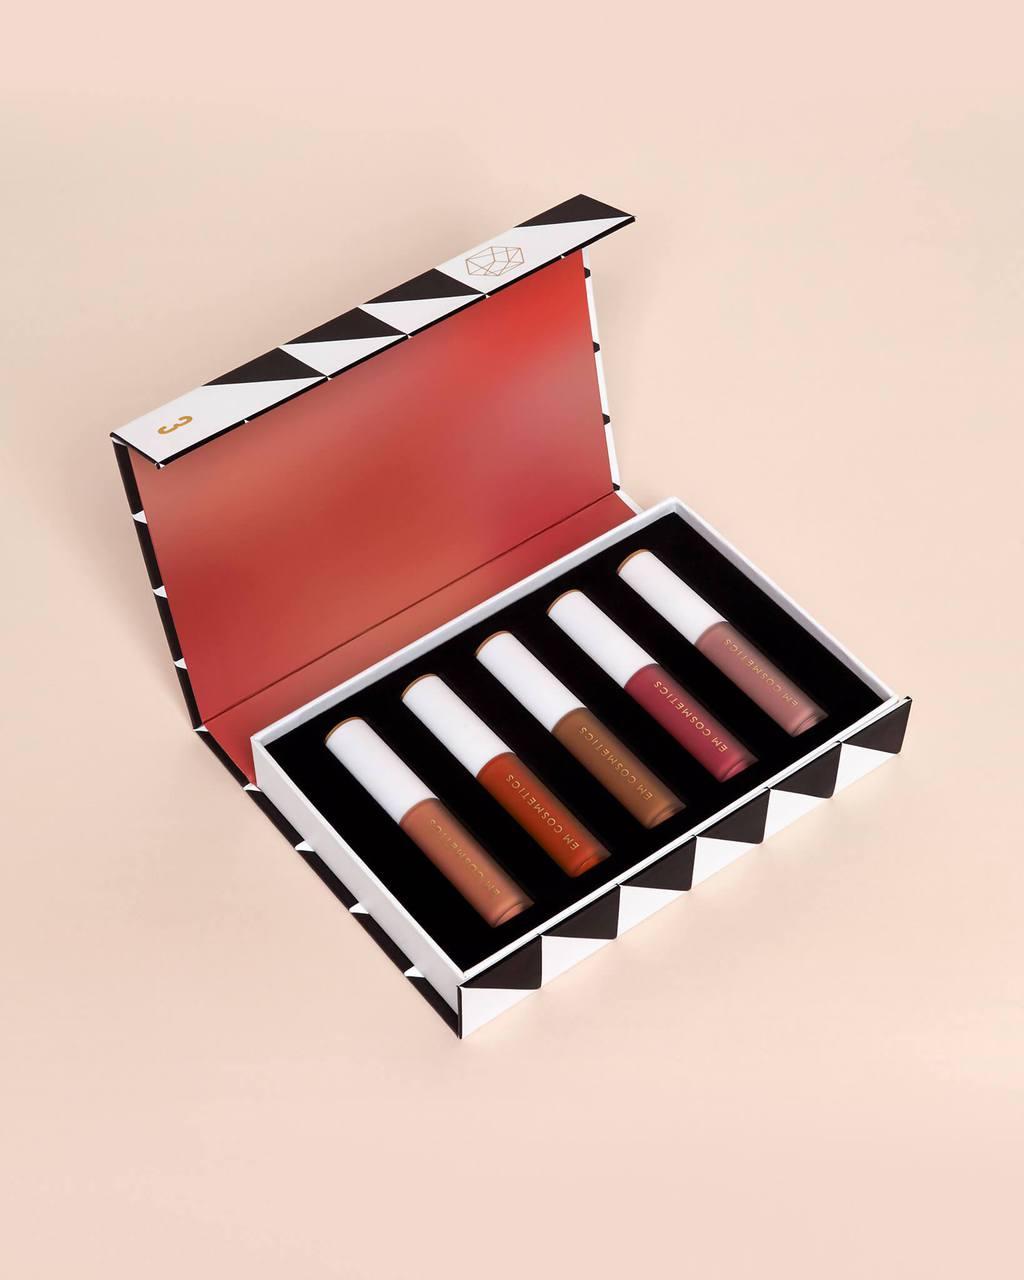 em-cosmetics-holiday-makeup-set